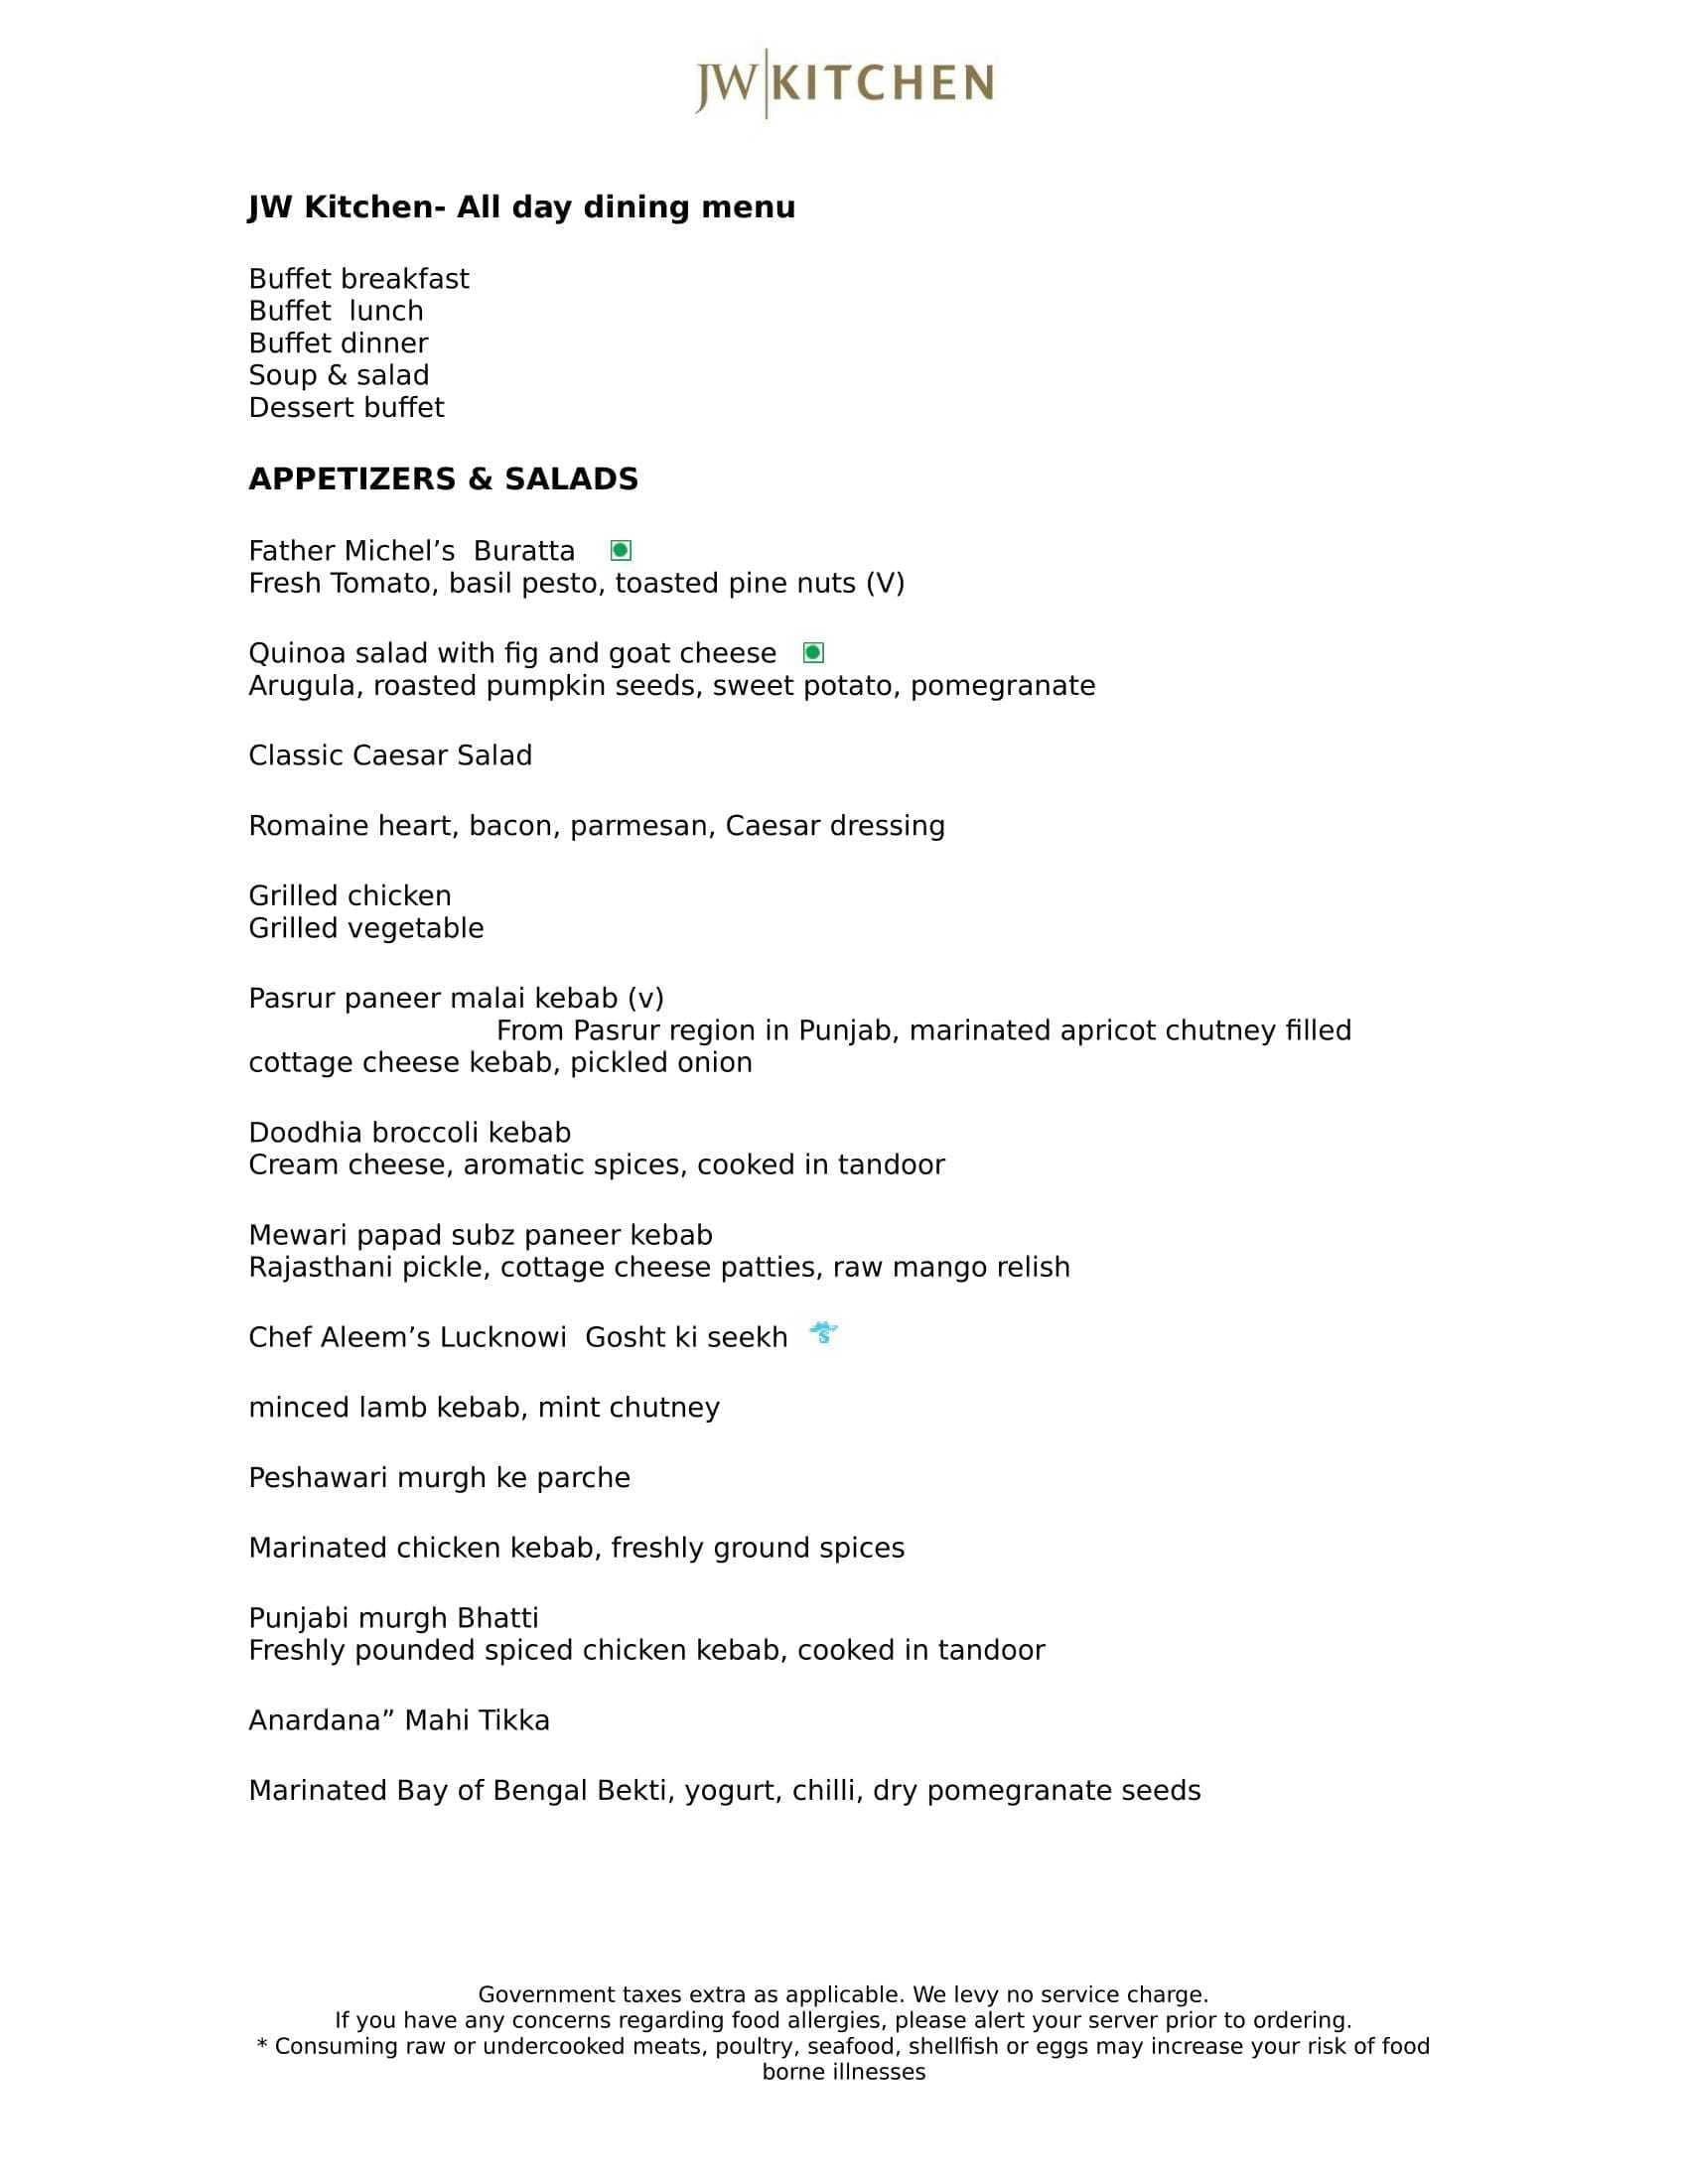 jw kitchen jw marriott hotel kolkata menu zomato